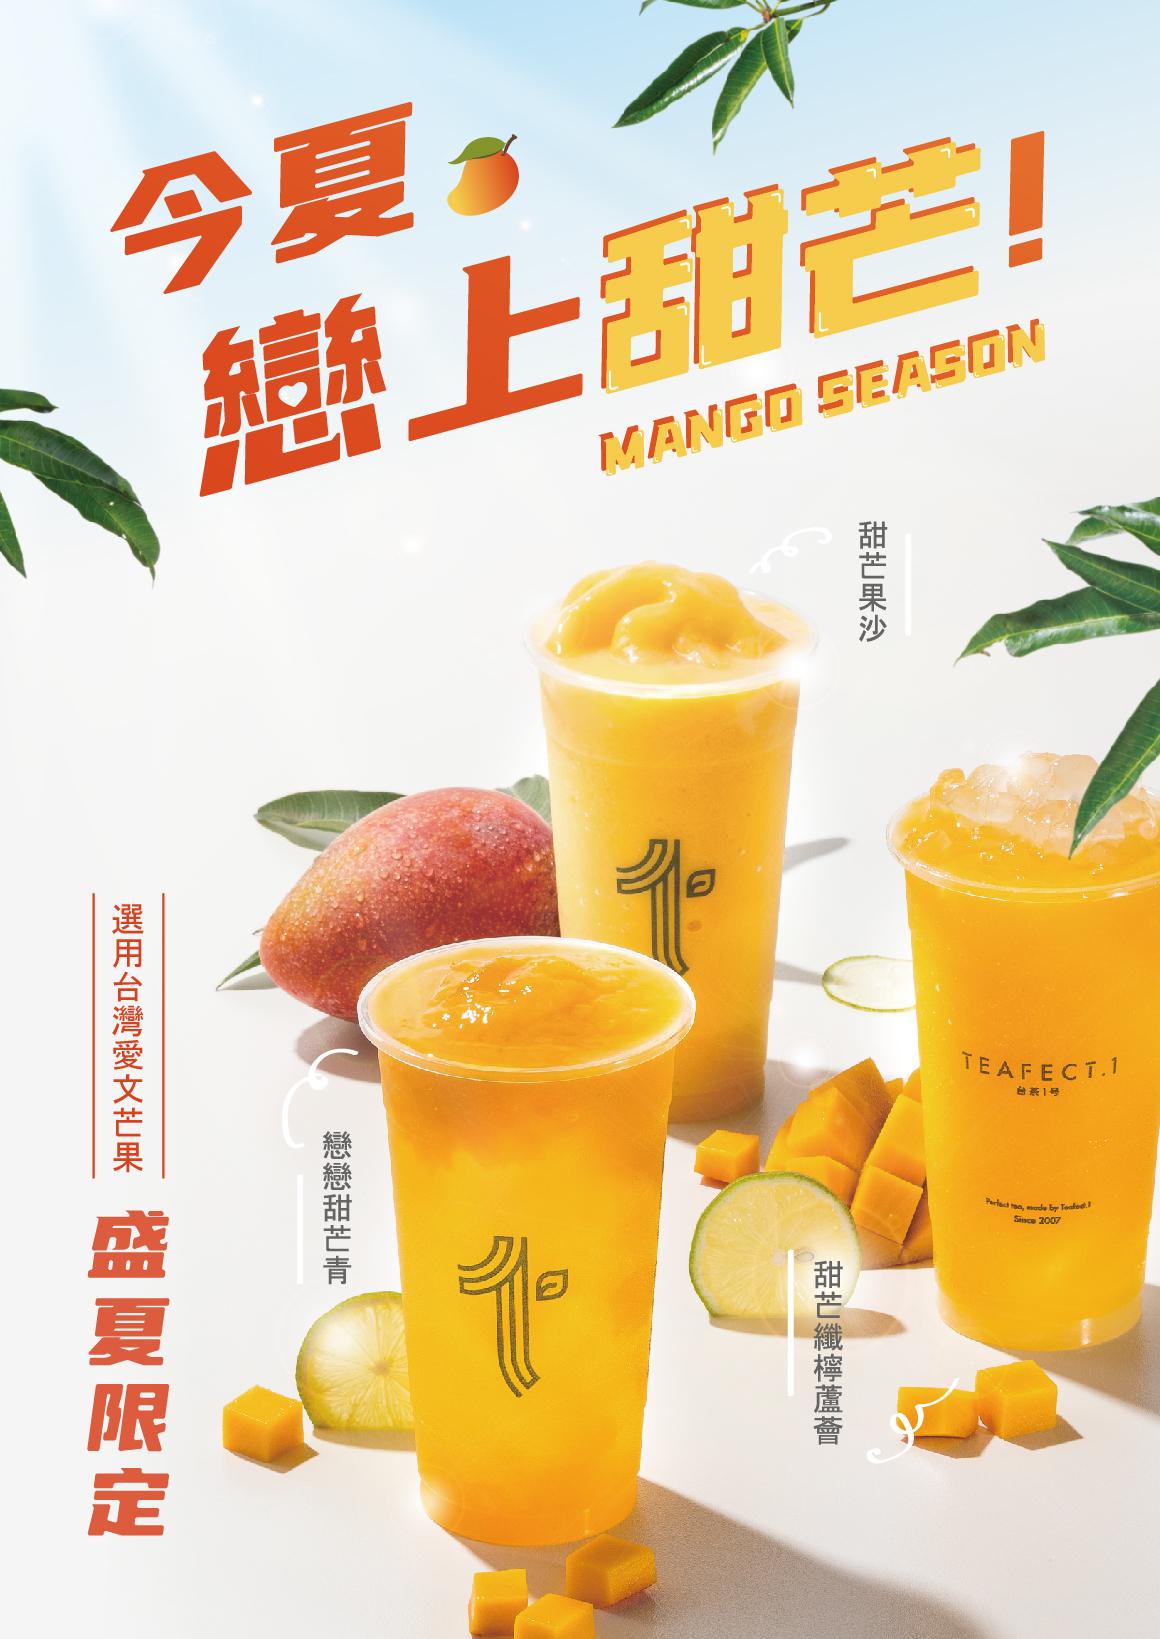 芒果檔期-官網愛貝斯210521-02